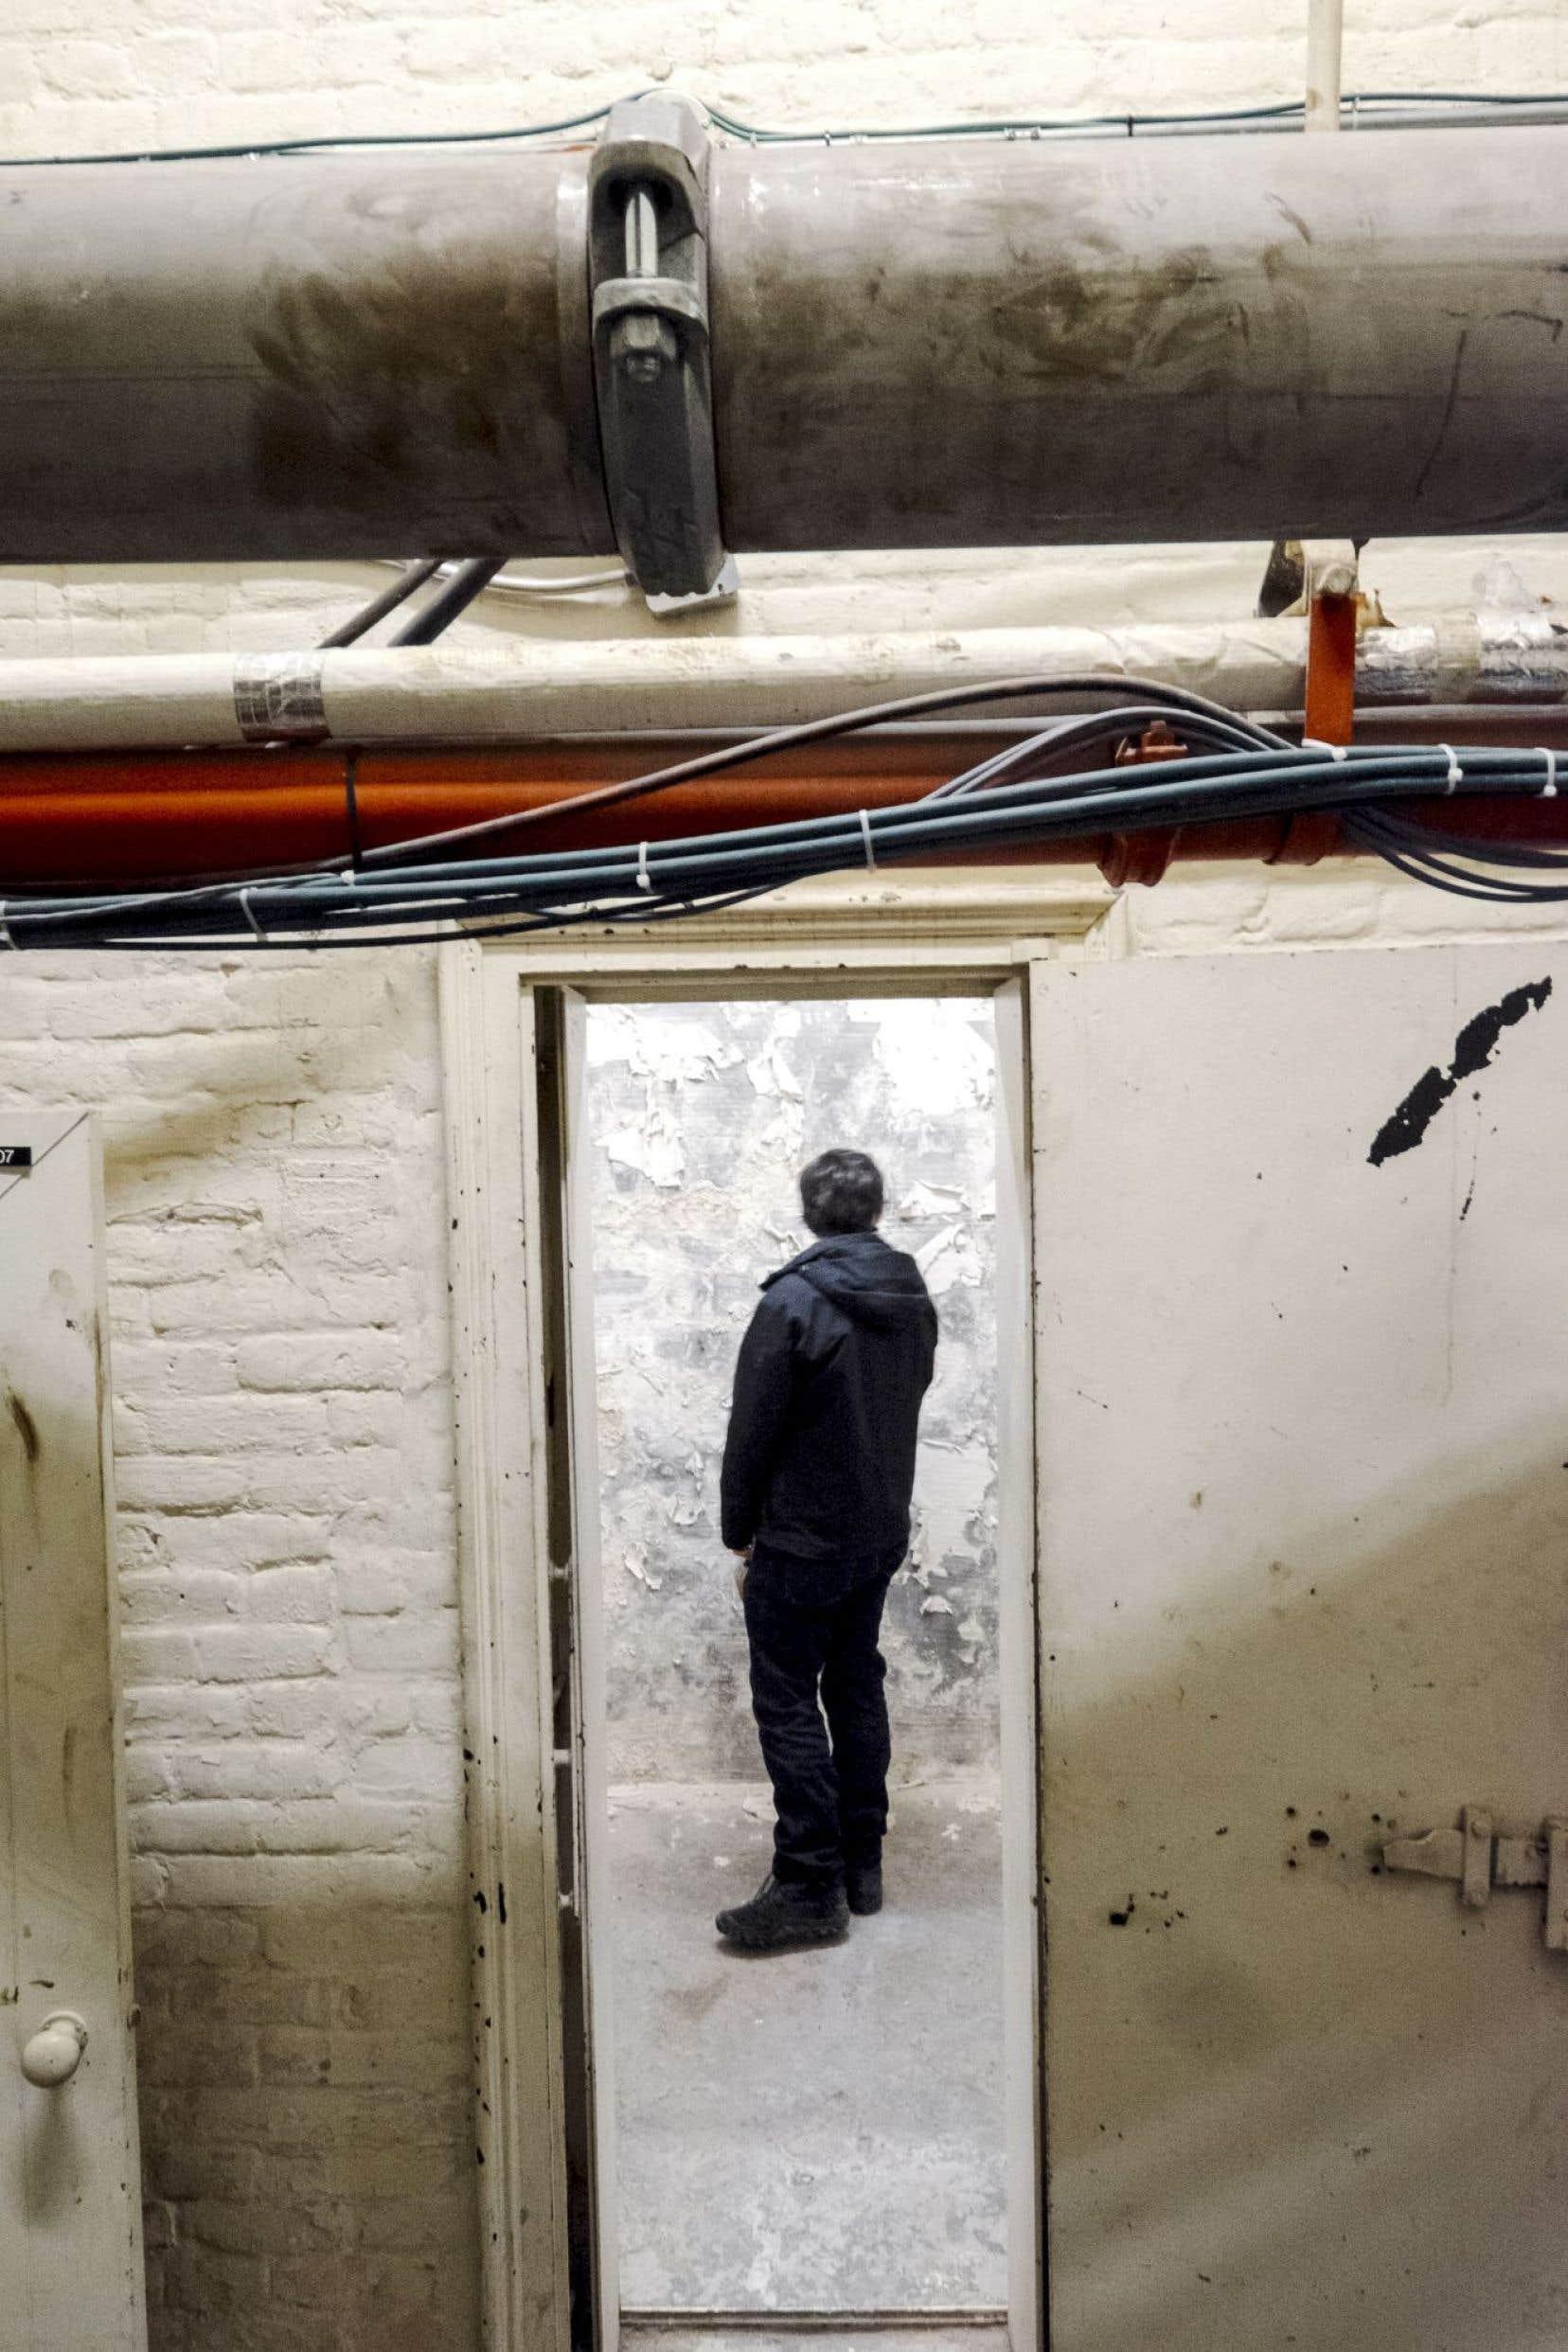 À l'aube du XXesiècle, l'Assemblée nationale a fait incarcérer une poignée de journalistes, dont Olivar Asselin, dans l'hôtel du Parlement. Le Devoir a d'ailleurs visité ce qui s'apparente à une cellule, avec une lourde porte de métal.